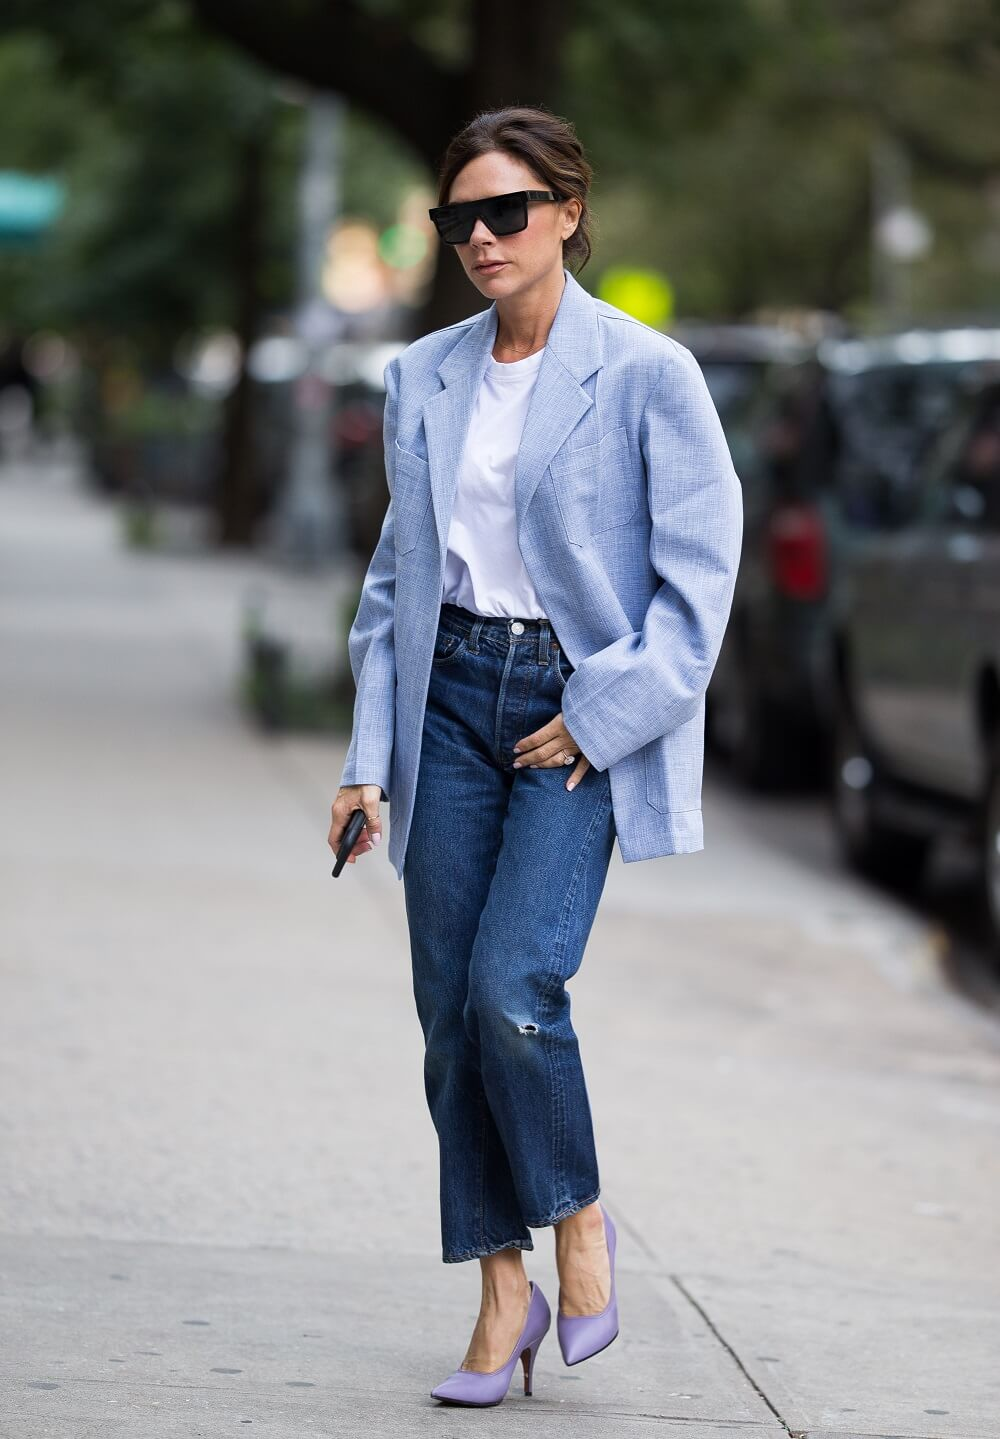 ヴィクトリア・ベッカムの私服ファッション写真(デニム×ジャケットスタイル)